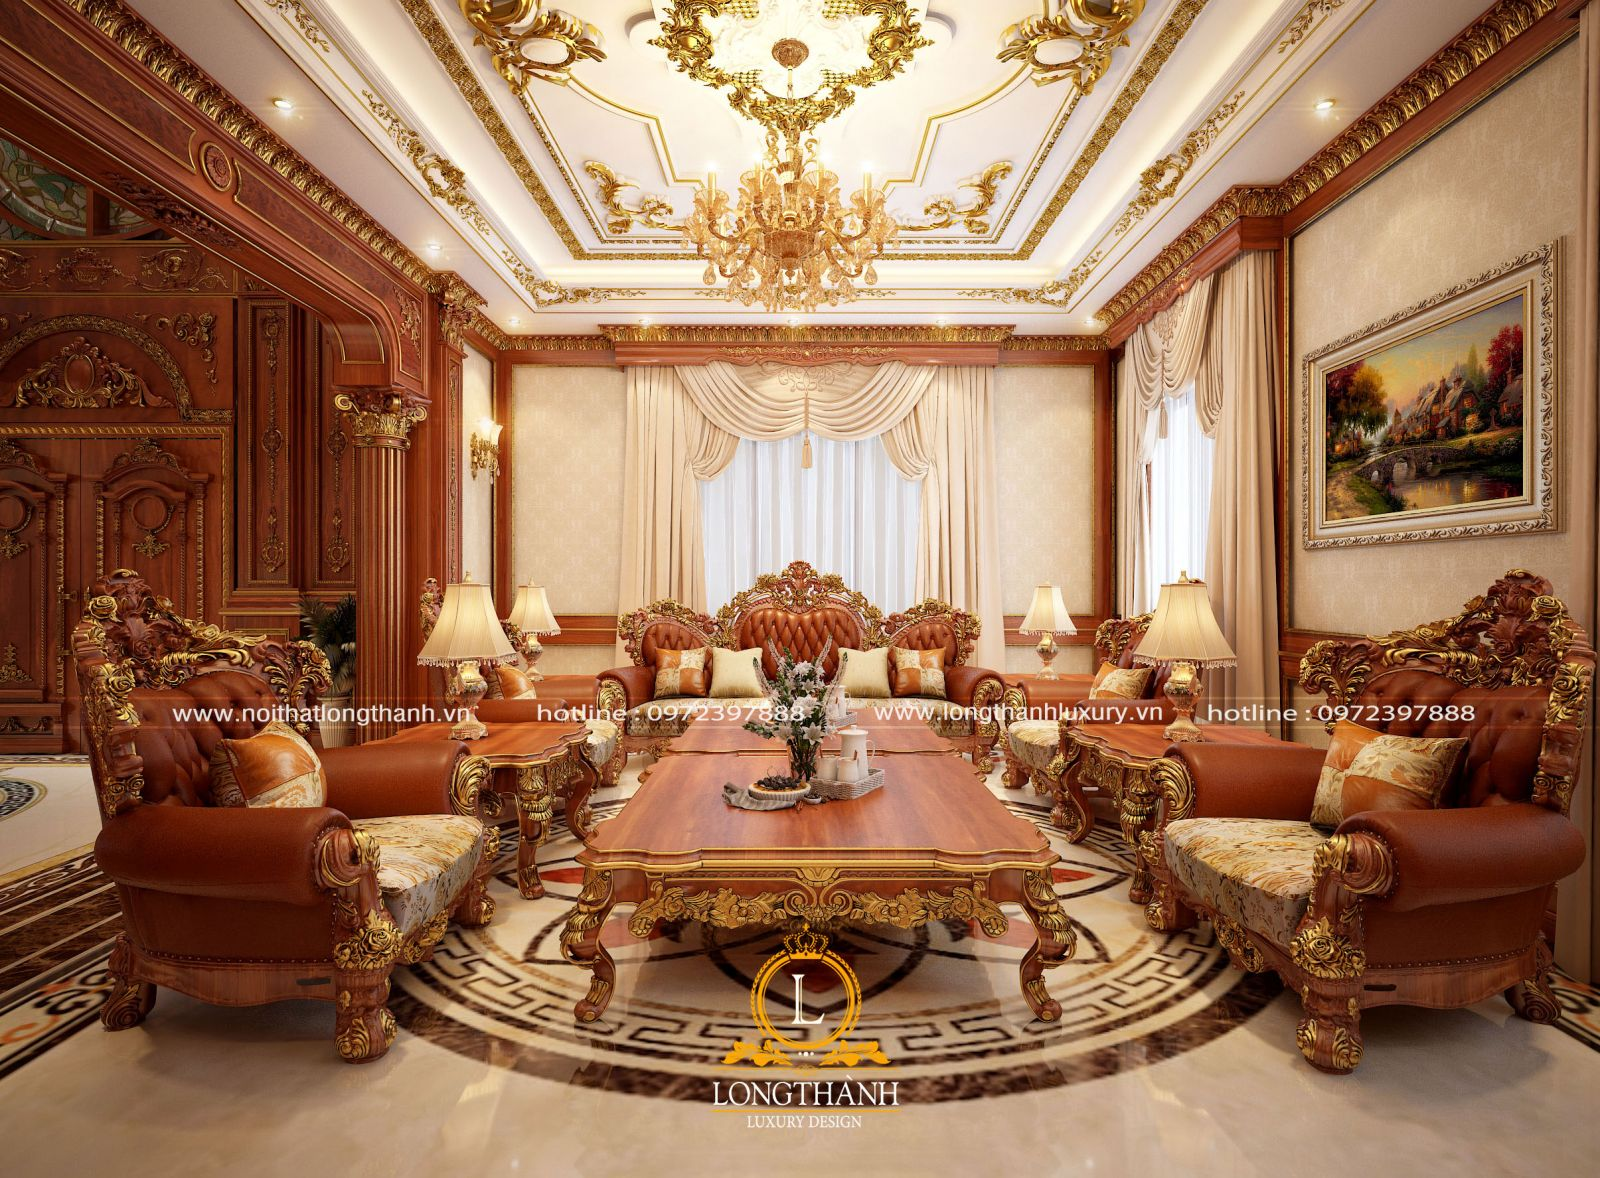 Bộ sofa dát vàng lộng lẫy được sử dụng trong không gian phòng khách biệt thự sang trọng